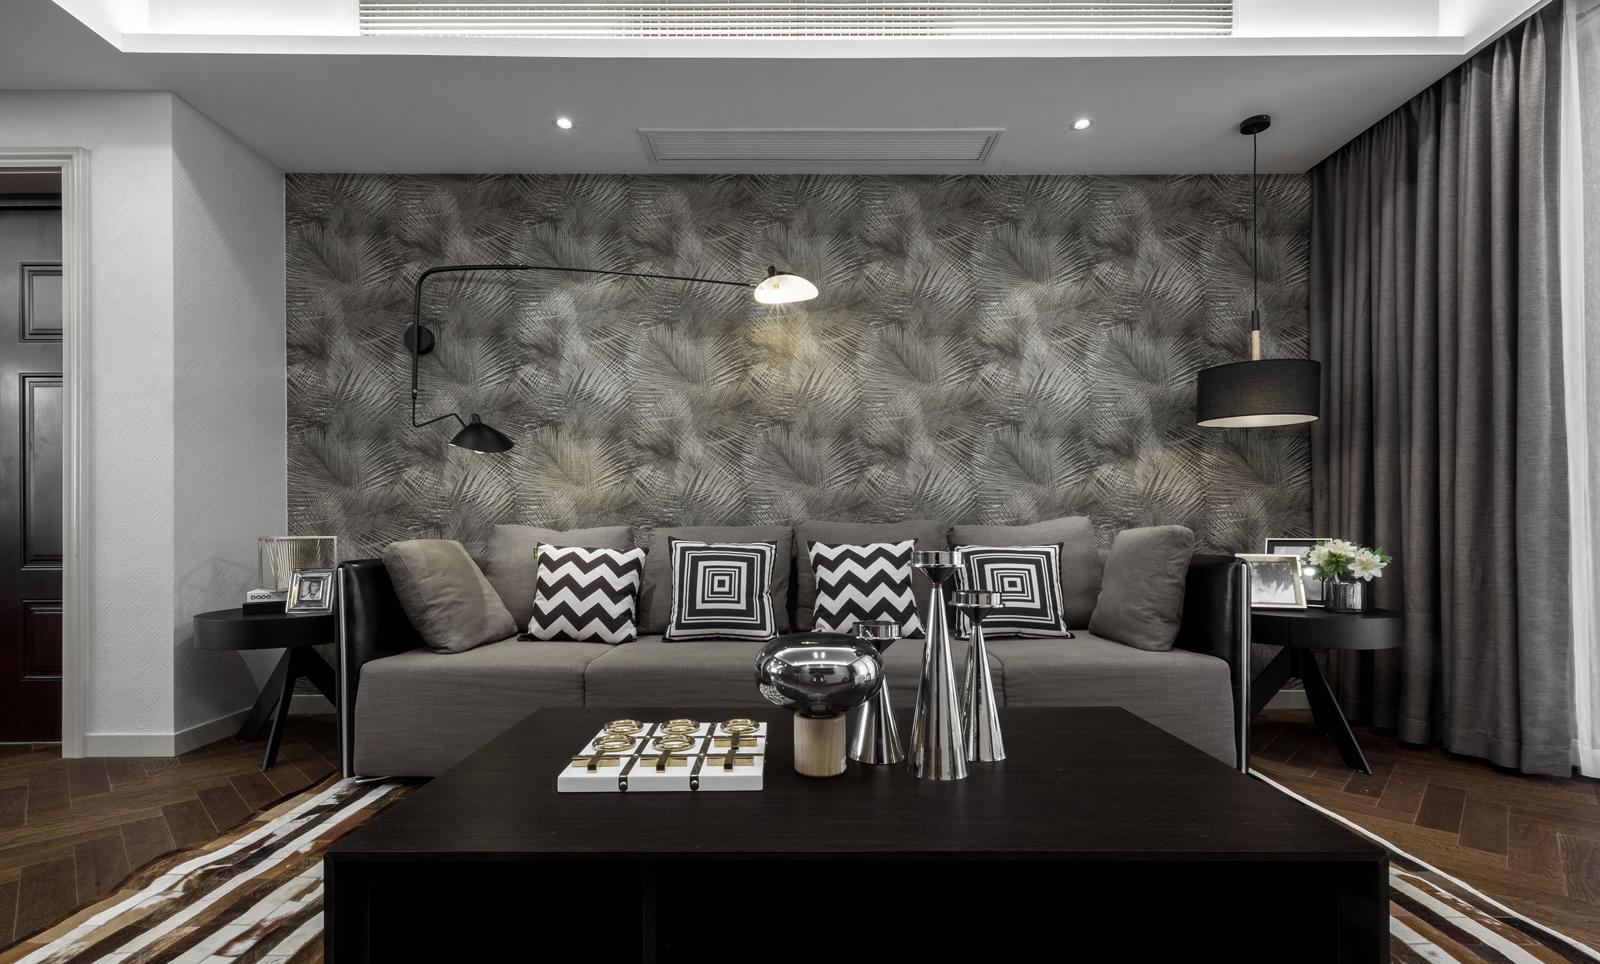 放大客厅细节,灰色大理壁纸石背景的点缀,更自然美观。